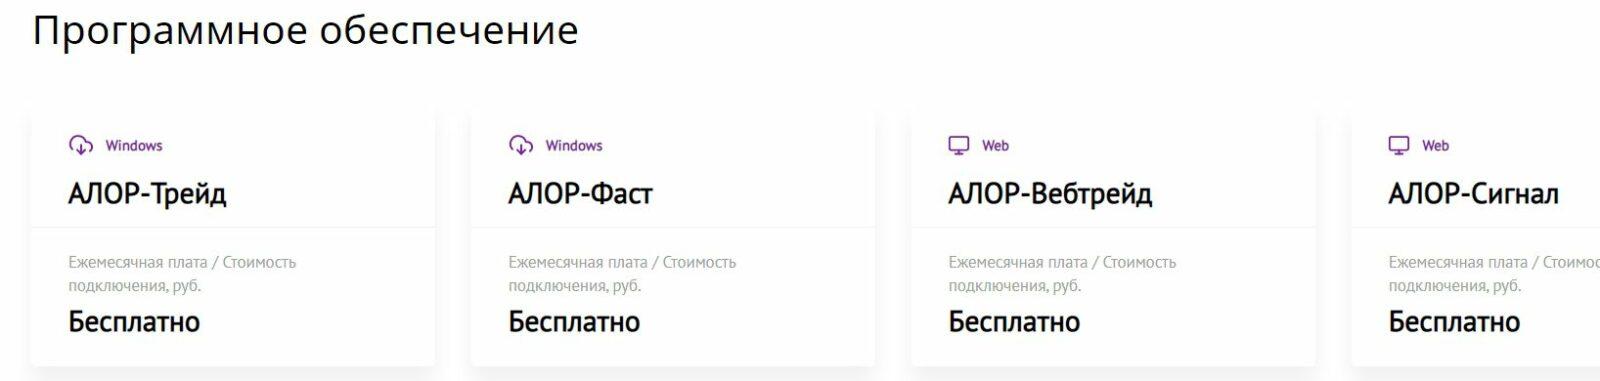 Программное обеспечение в АЛОР БРОКЕР